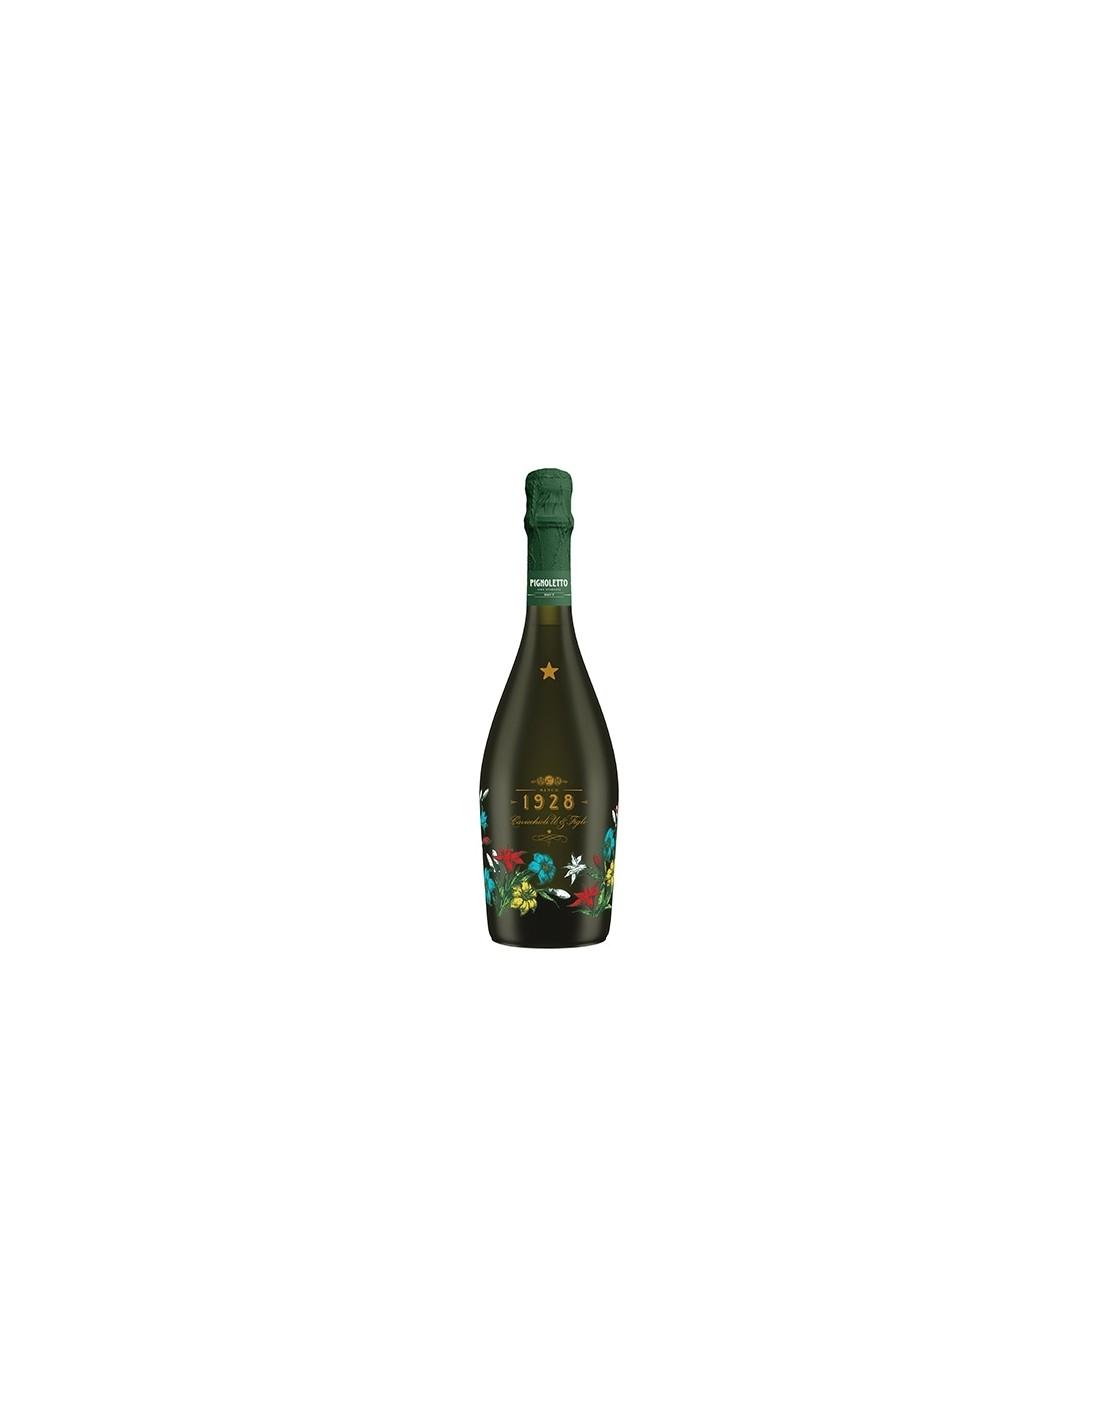 Vin spumant alb Pignoletto, Cavicchioli Modena, 0.75L, 11% alc., Italia